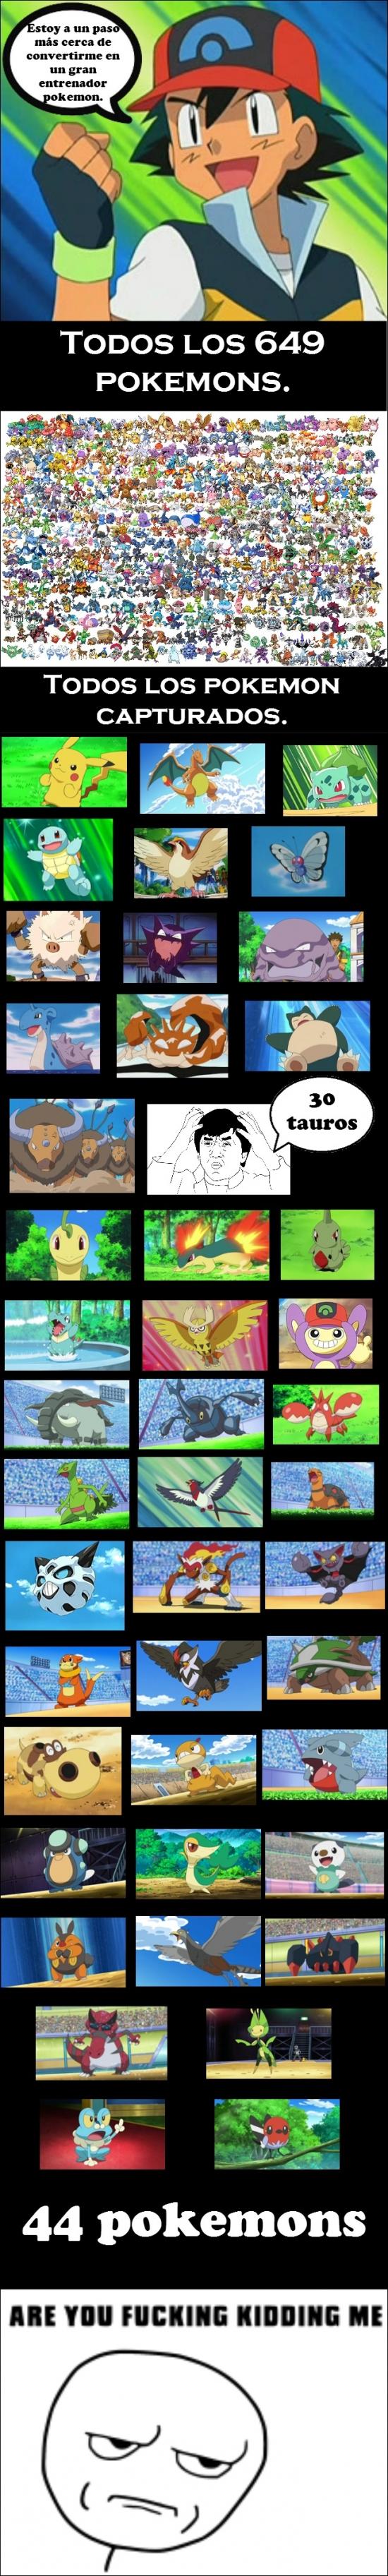 Kidding_me - El trayecto de Ash como entrenador Pokémon deja un poco que desear